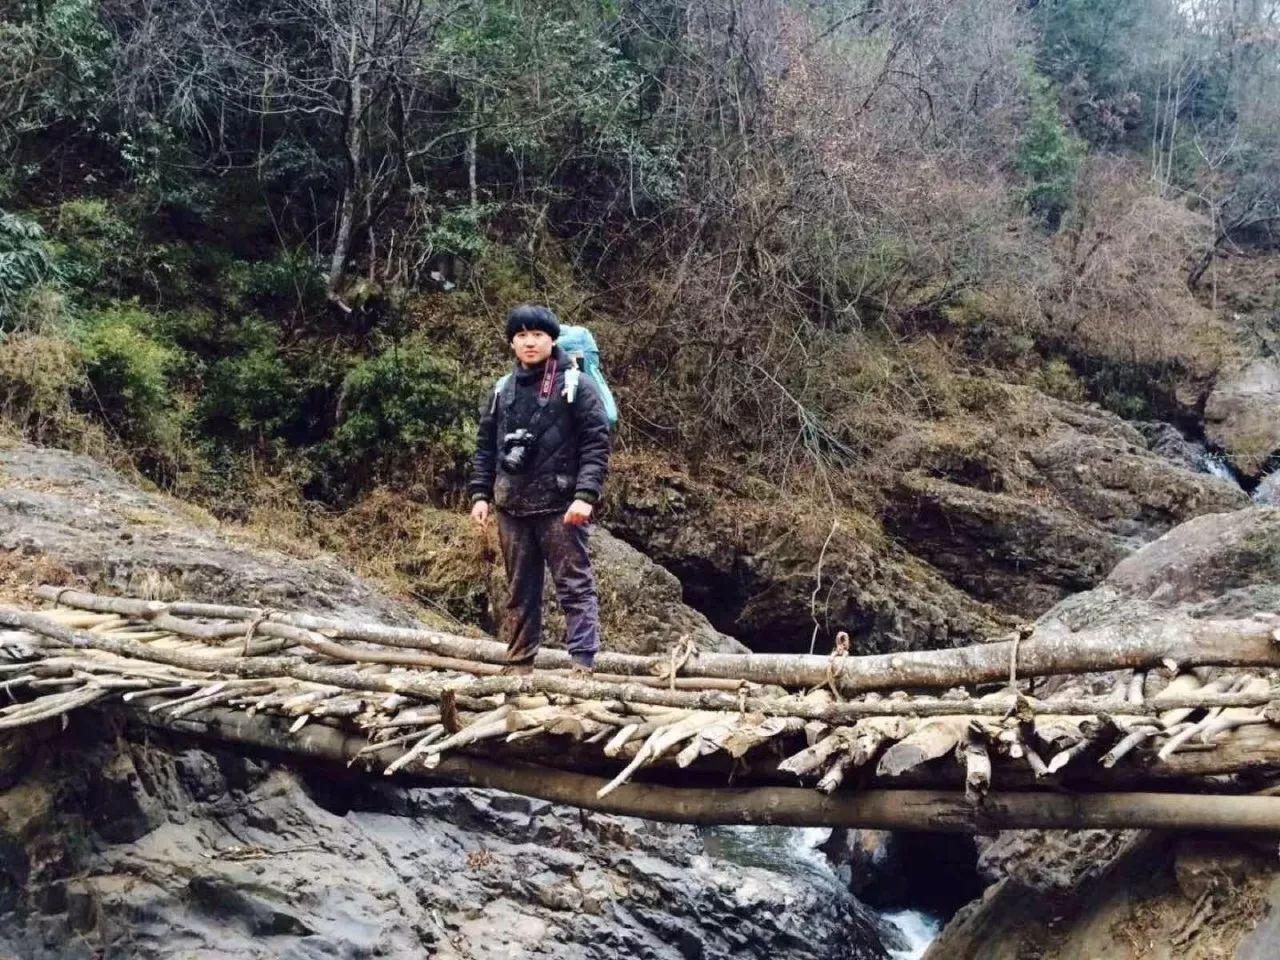 赵明。去年12月,刚毕业的他辞掉工作,前往缅北战场,成为一名战地摄影师。受访者供图